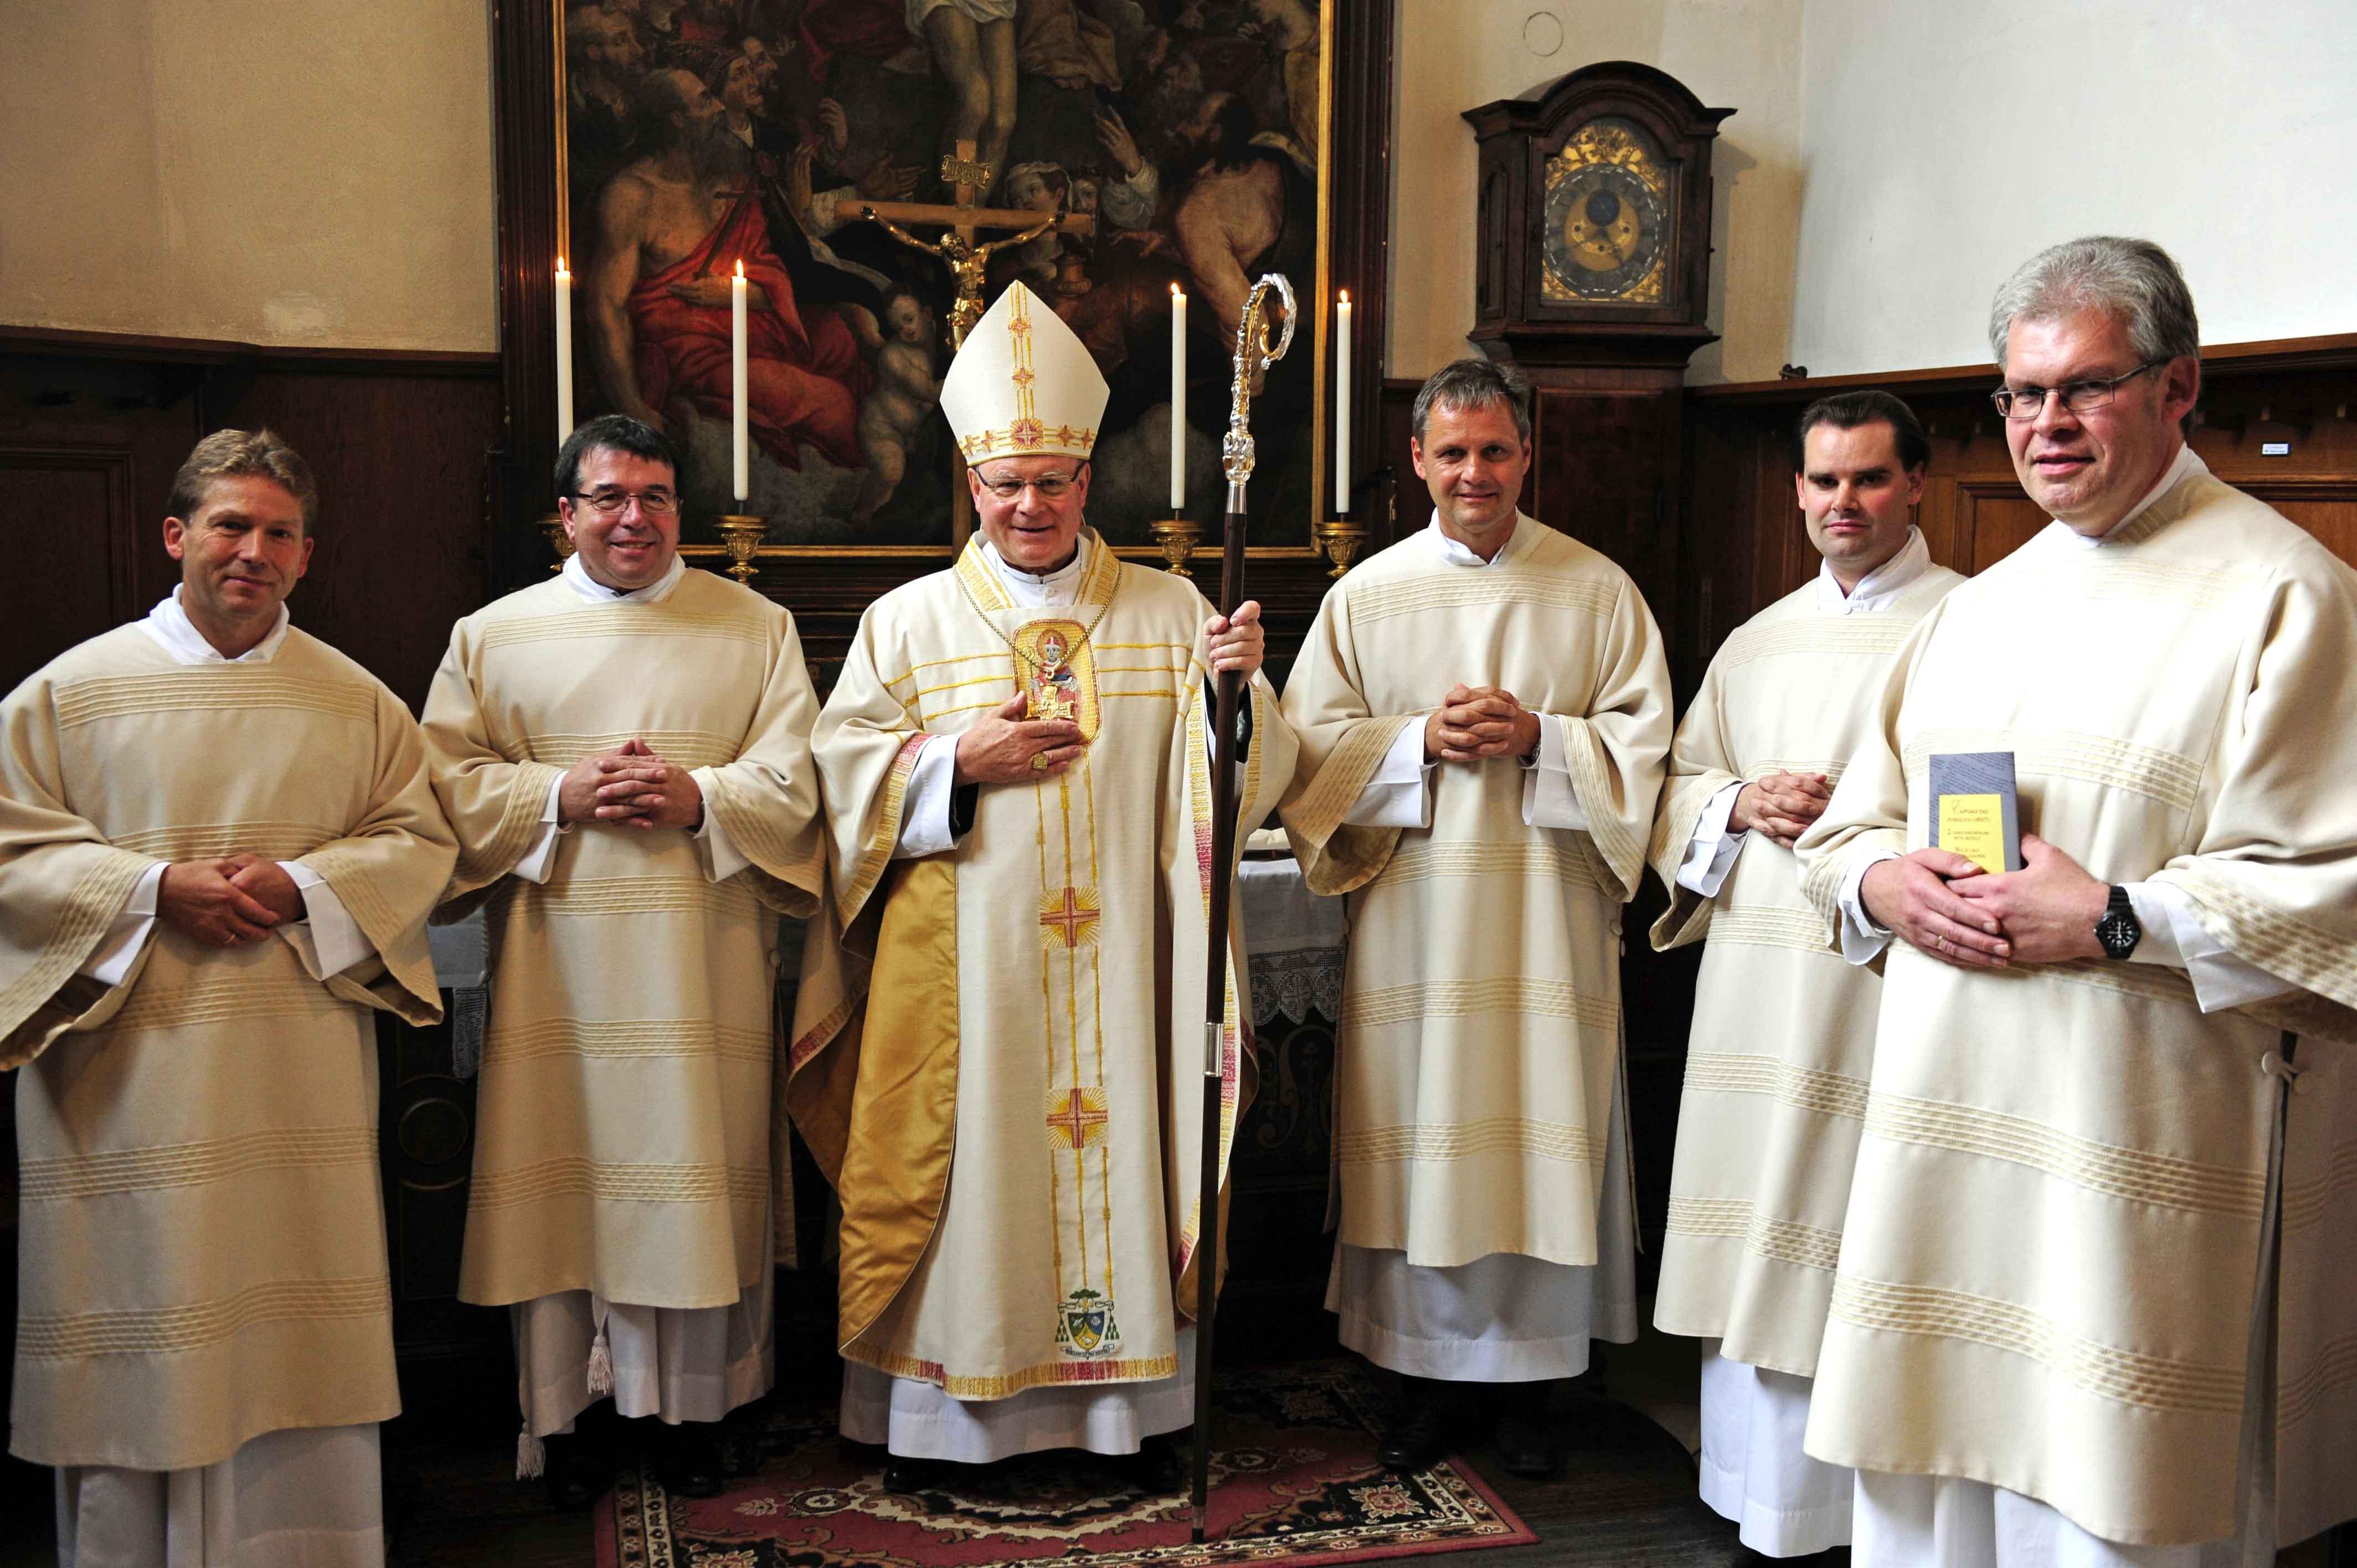 Bischof Konrad mit den fünf neuen Diakonen (v.l.) Albert Vögele, Franz-Xaver Bauer, Georg Seidenspinner, Andreas Martin und Anton Seemüller. (Fotos: pba/Nicolas Schnall)